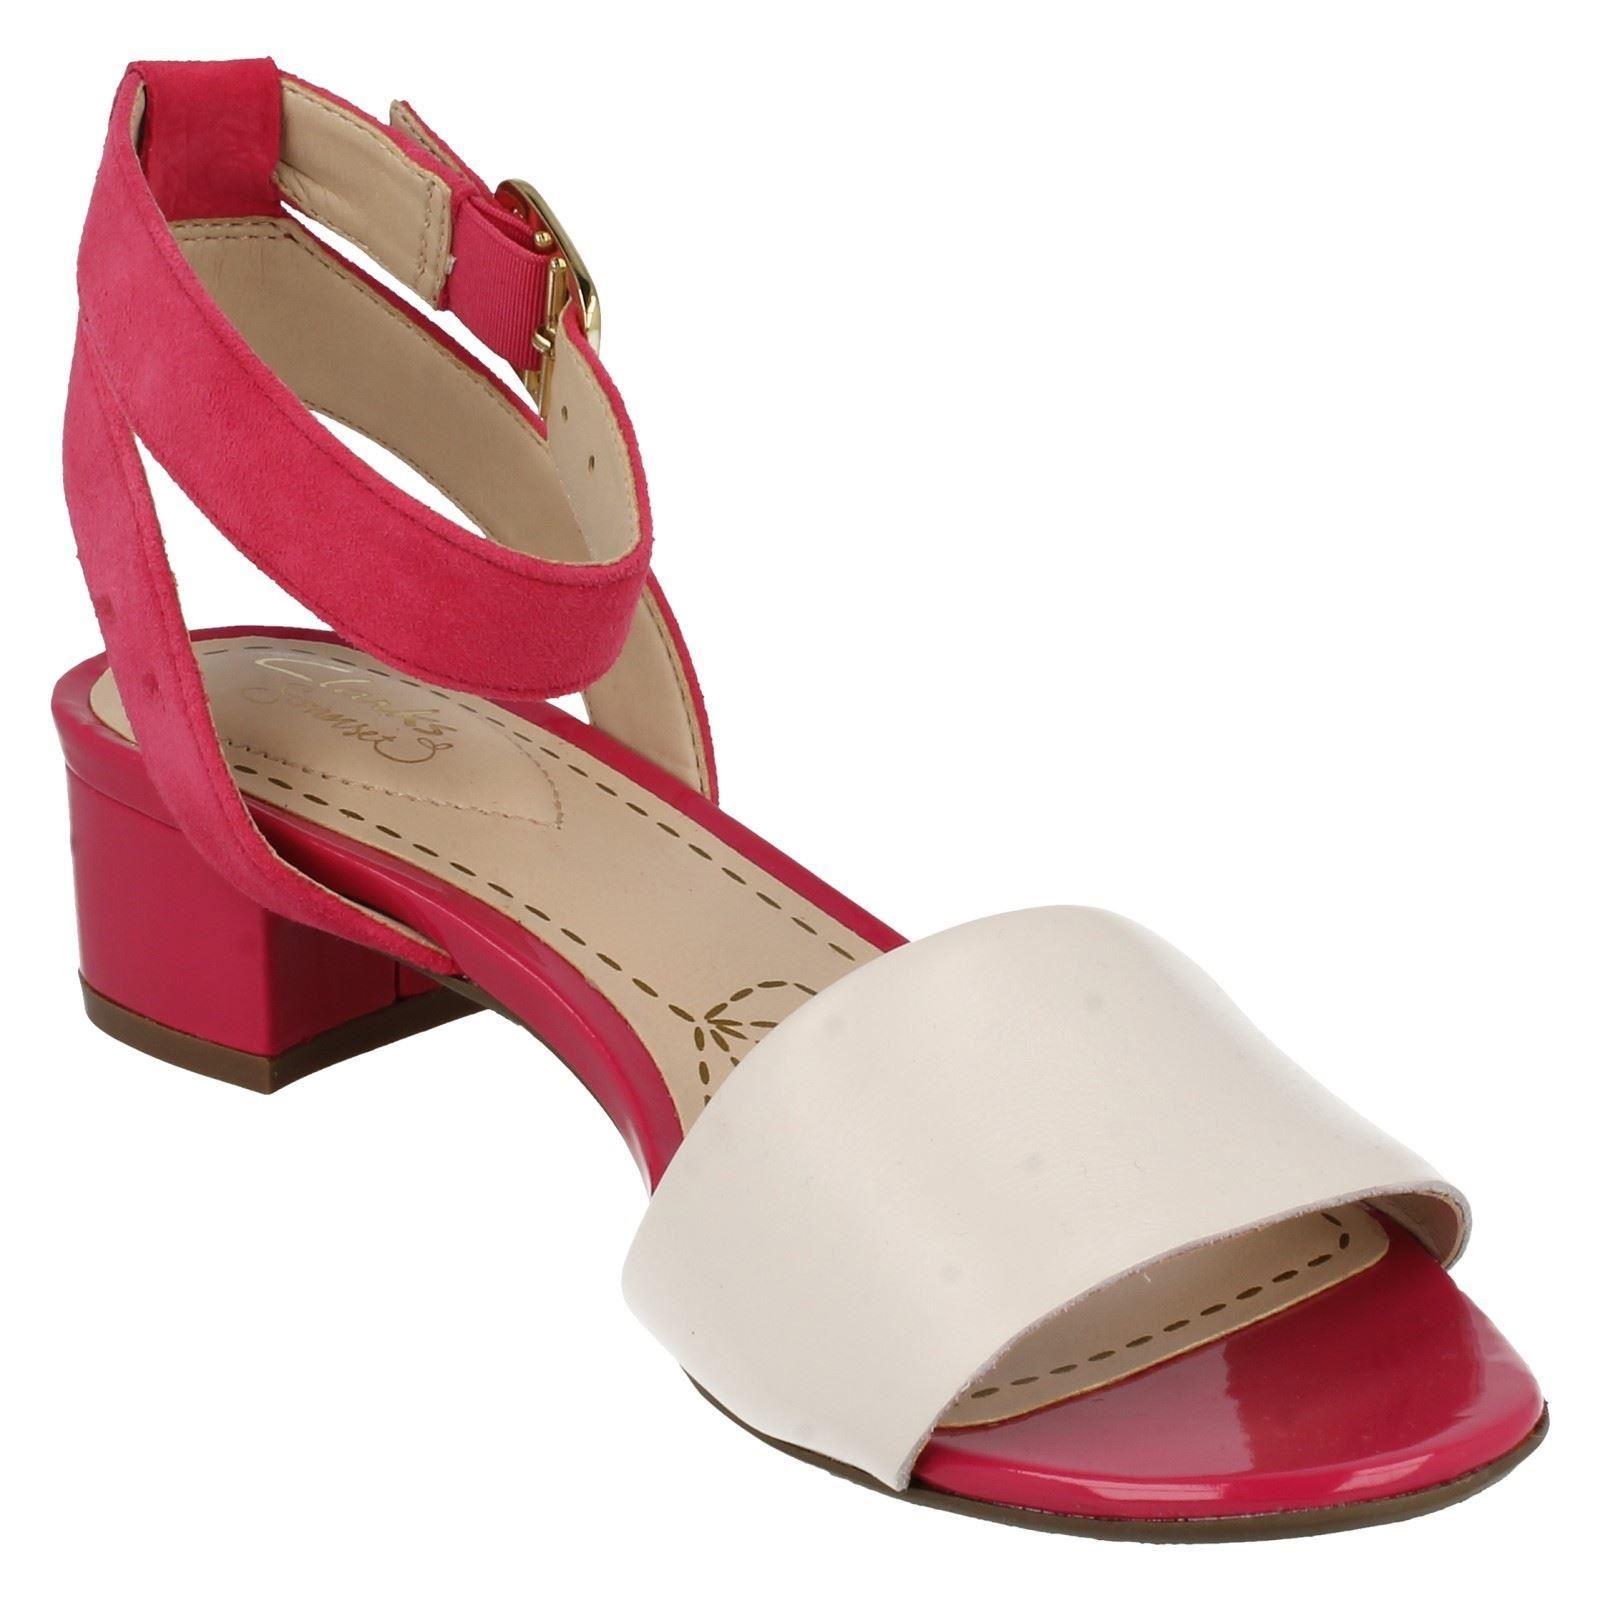 918f669ca62aa9 Ladies-Clarks-Sandals-Sharna-Balcony thumbnail 25